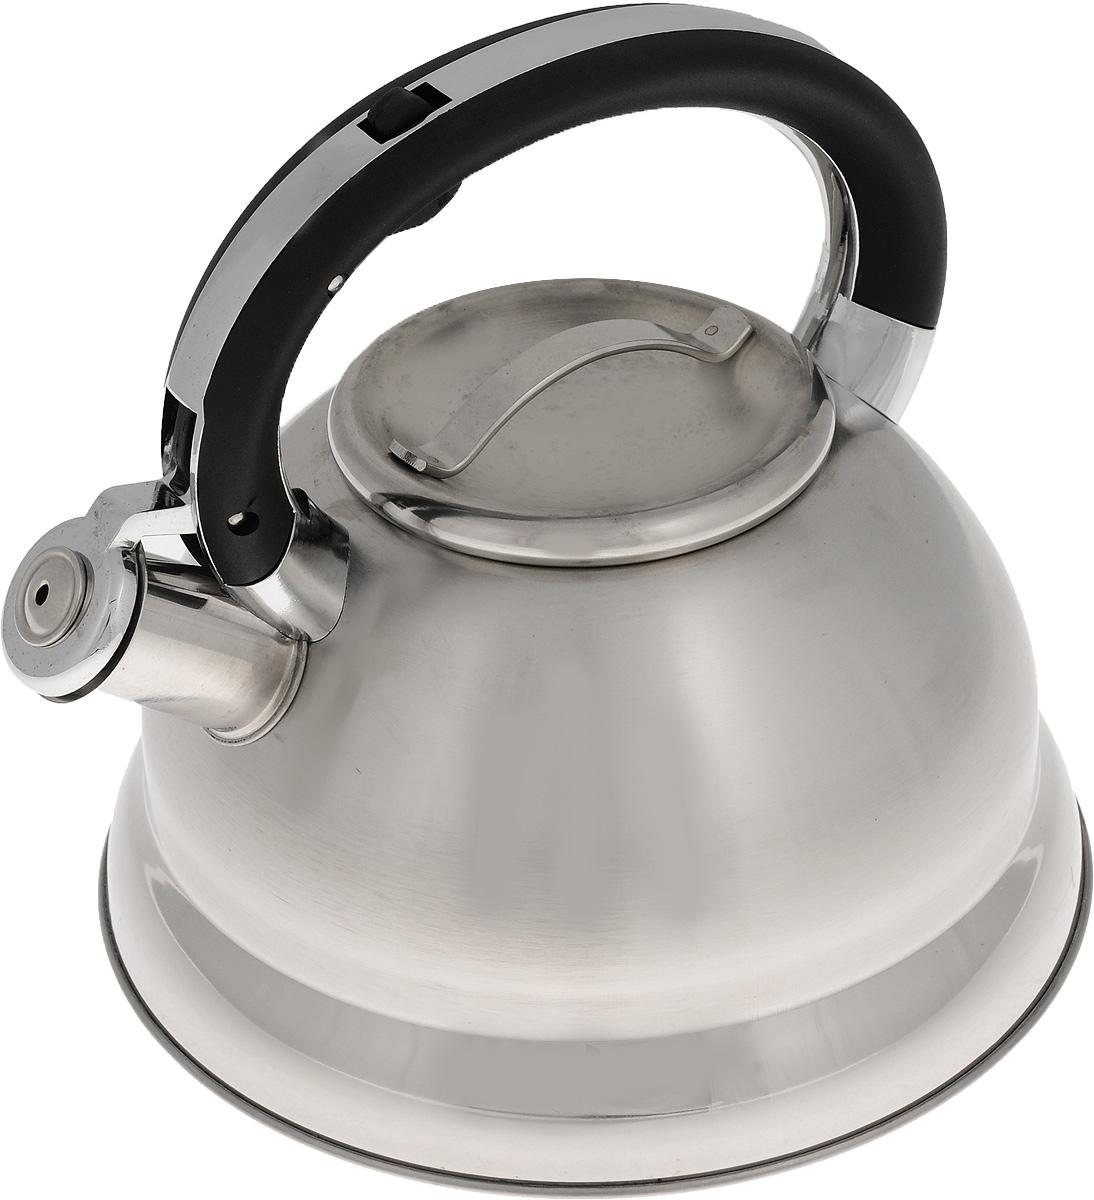 Чайник Mayer & Boch, со свистком, 2,6 л. 2241122411Чайник Mayer & Boch выполнен из высококачественной нержавеющей стали, что делает его весьма гигиеничным и устойчивым к износу при длительном использовании. Чайник оснащен неподвижной ручкой, изготовленной из цинкового сплава с нейлоном, и откидным свистком, который громким сигналом подскажет, когда вода закипела.Подходит для всех типов плит, кроме индукционных. Можно мыть в посудомоечной машине.Диаметр (по верхнему краю): 10,5 см. Диаметр основания: 22 см. Высота стенки: 13 см. Высота чайника (с учетом ручки и крышки): 21 см.